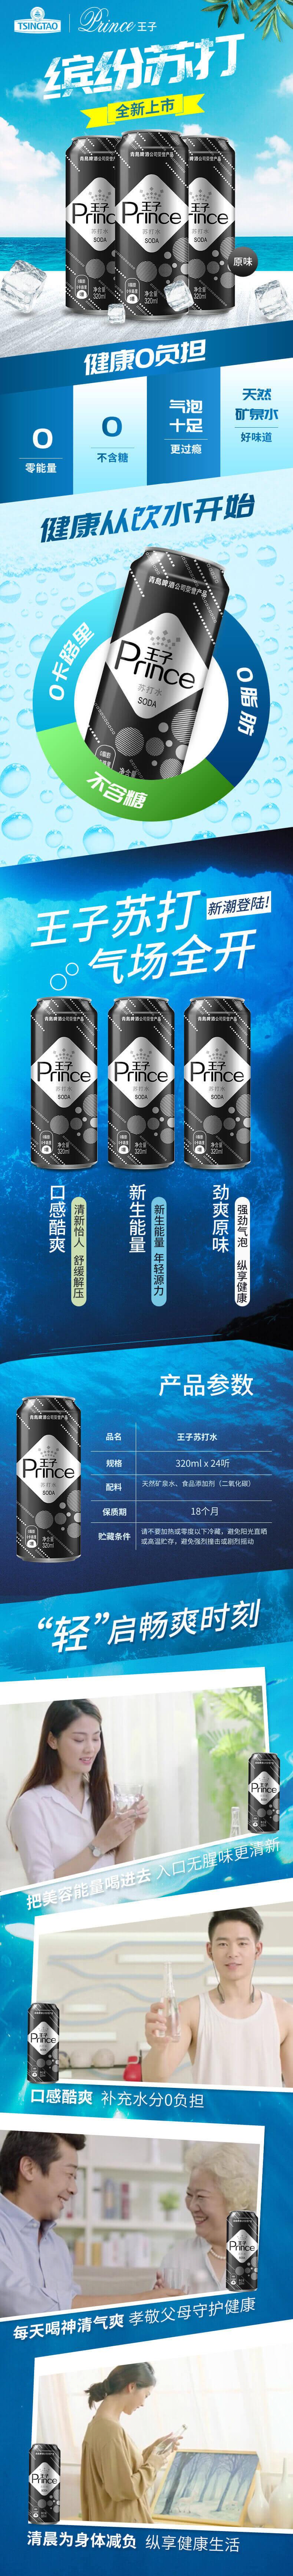 princeyuan_24detail.jpg